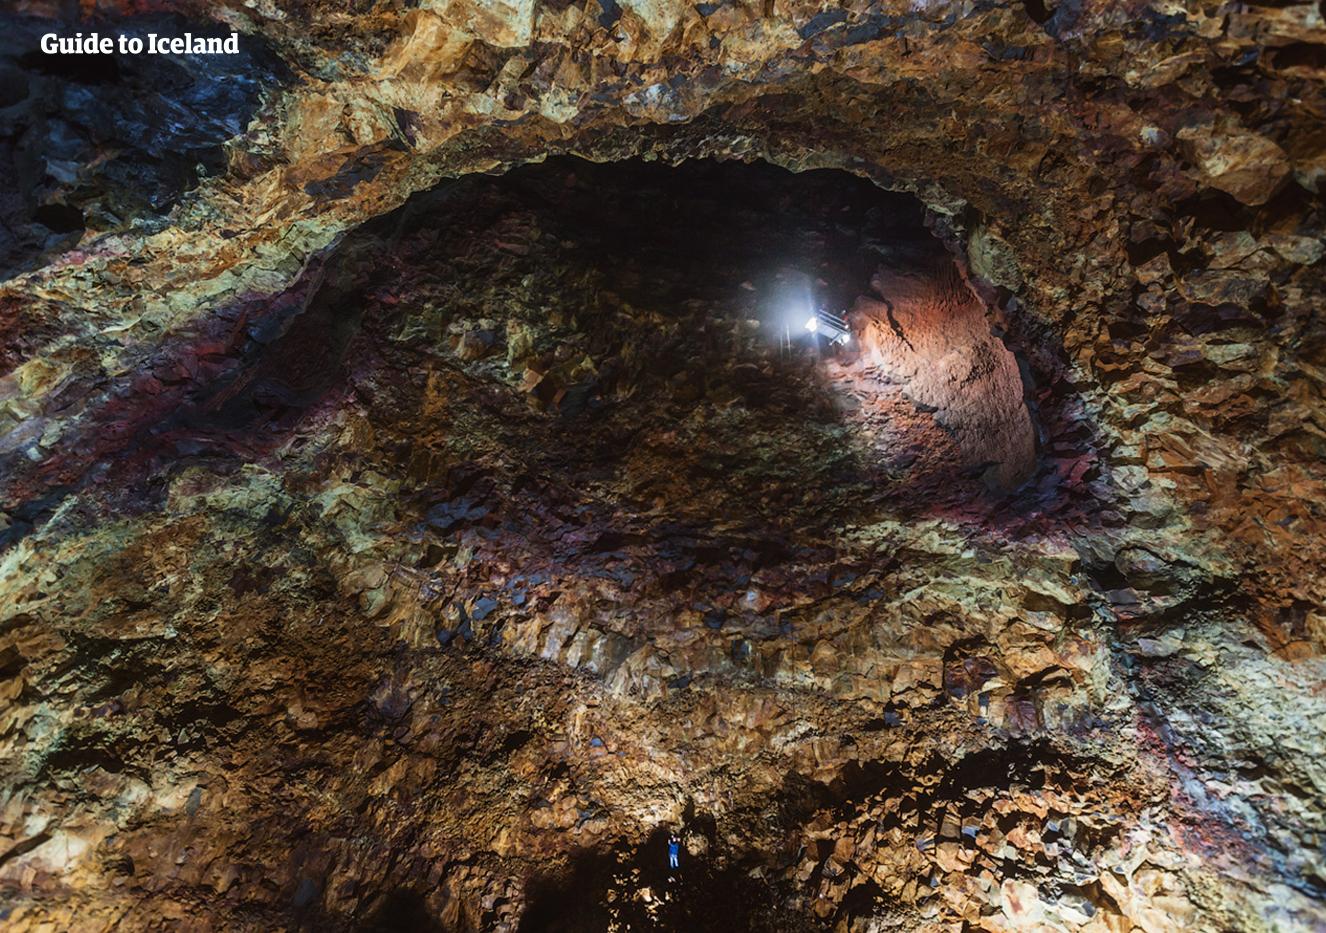 赤、紫、青、色とりどりの岩肌を誇るスリーフヌカギグルの火山の内部。インサイド・ザ・ボルケーノツアーに参加すると火口からマグマだまりに降りてく珍しい体験ができる